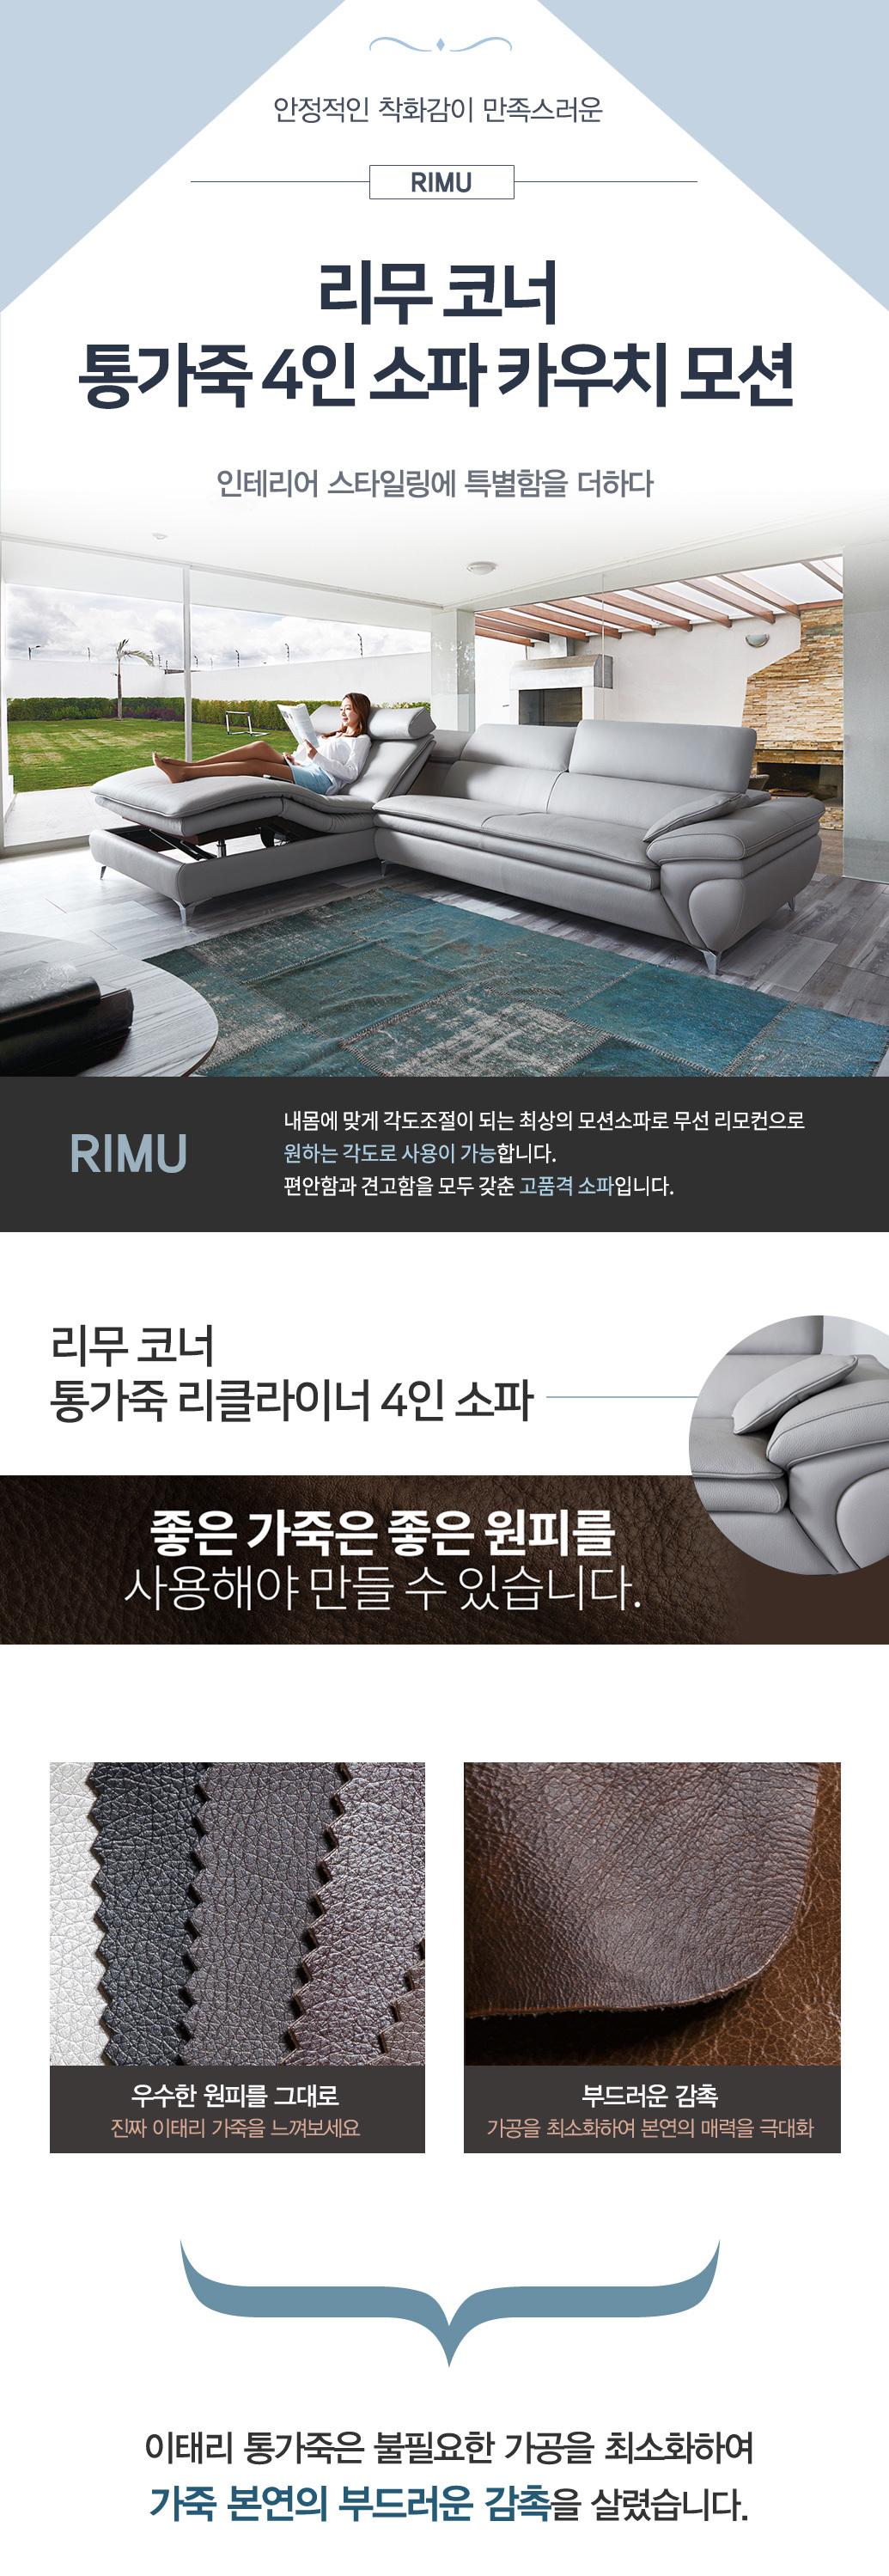 RIMU_01.jpg